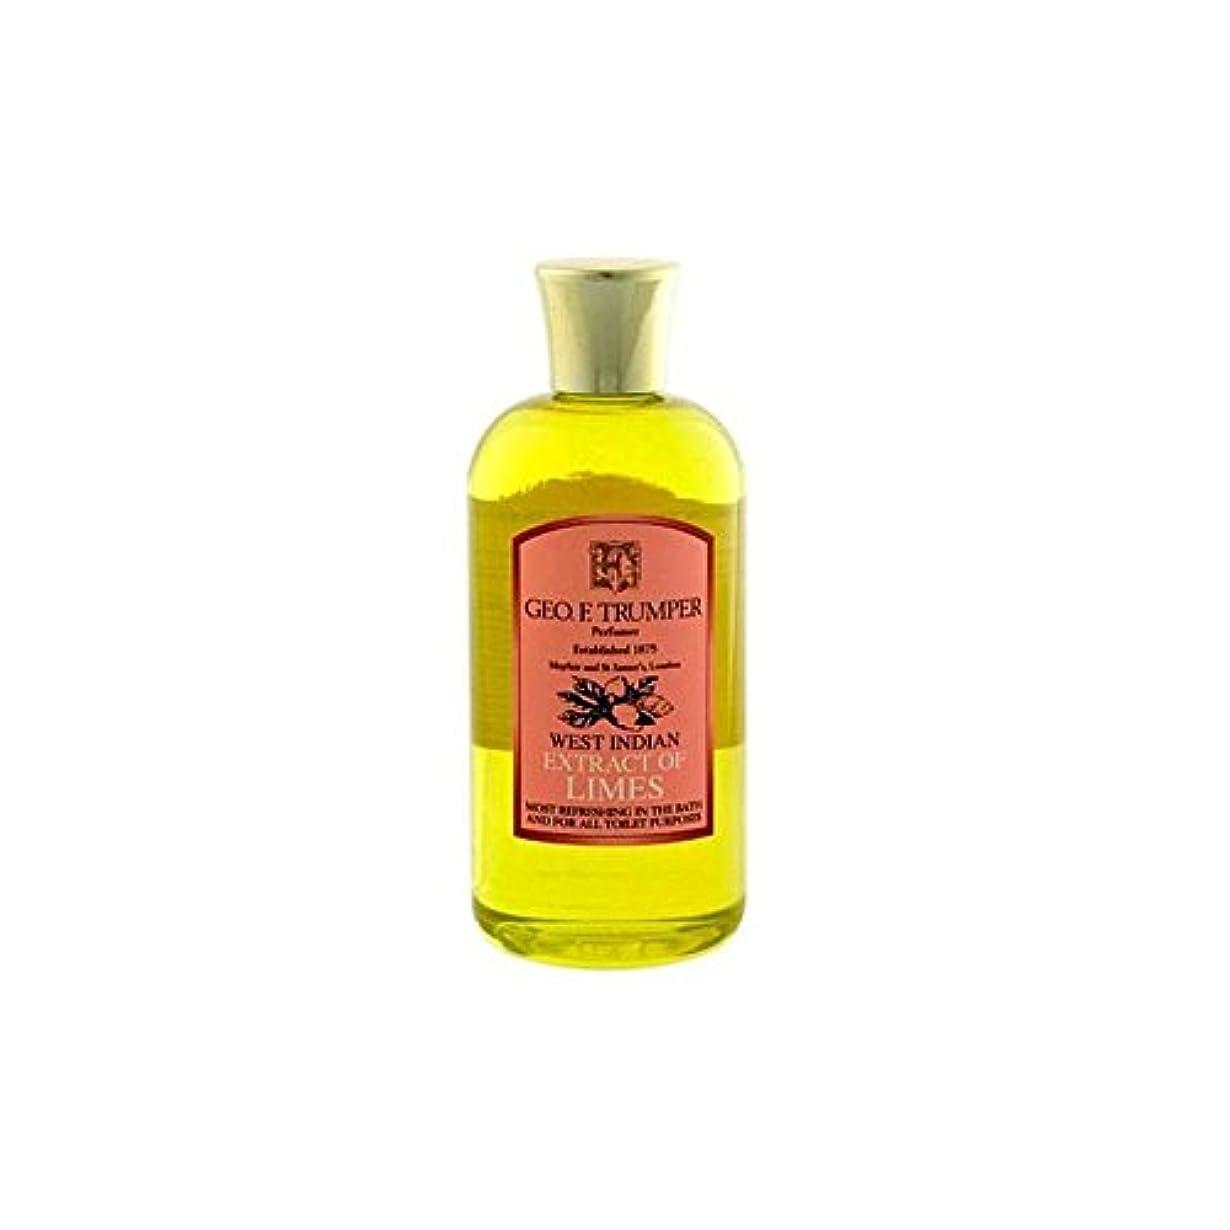 純粋な雰囲気朝食を食べるライムのバスタブとシャワージェル200の抽出物を x2 - Trumpers Extracts of Limes Bath and Shower Gel 200ml (Pack of 2) [並行輸入品]